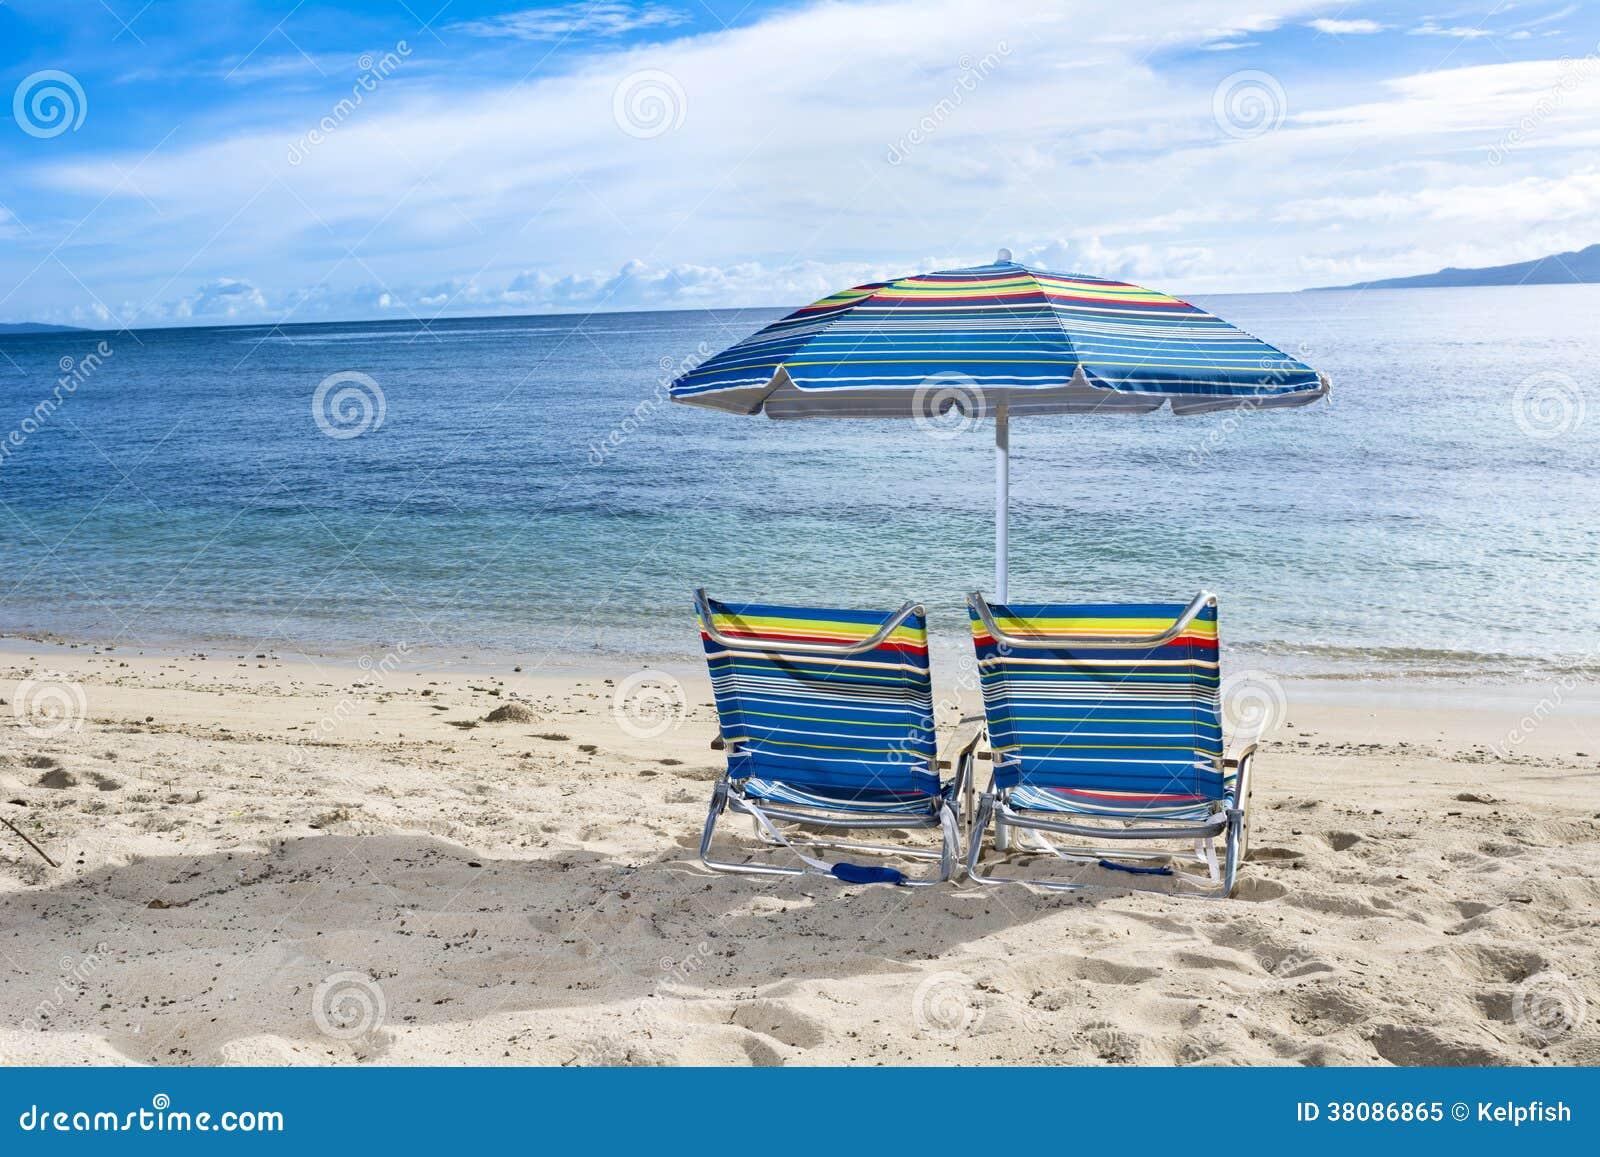 Tropical Beach Chairs Beach Chairs On...